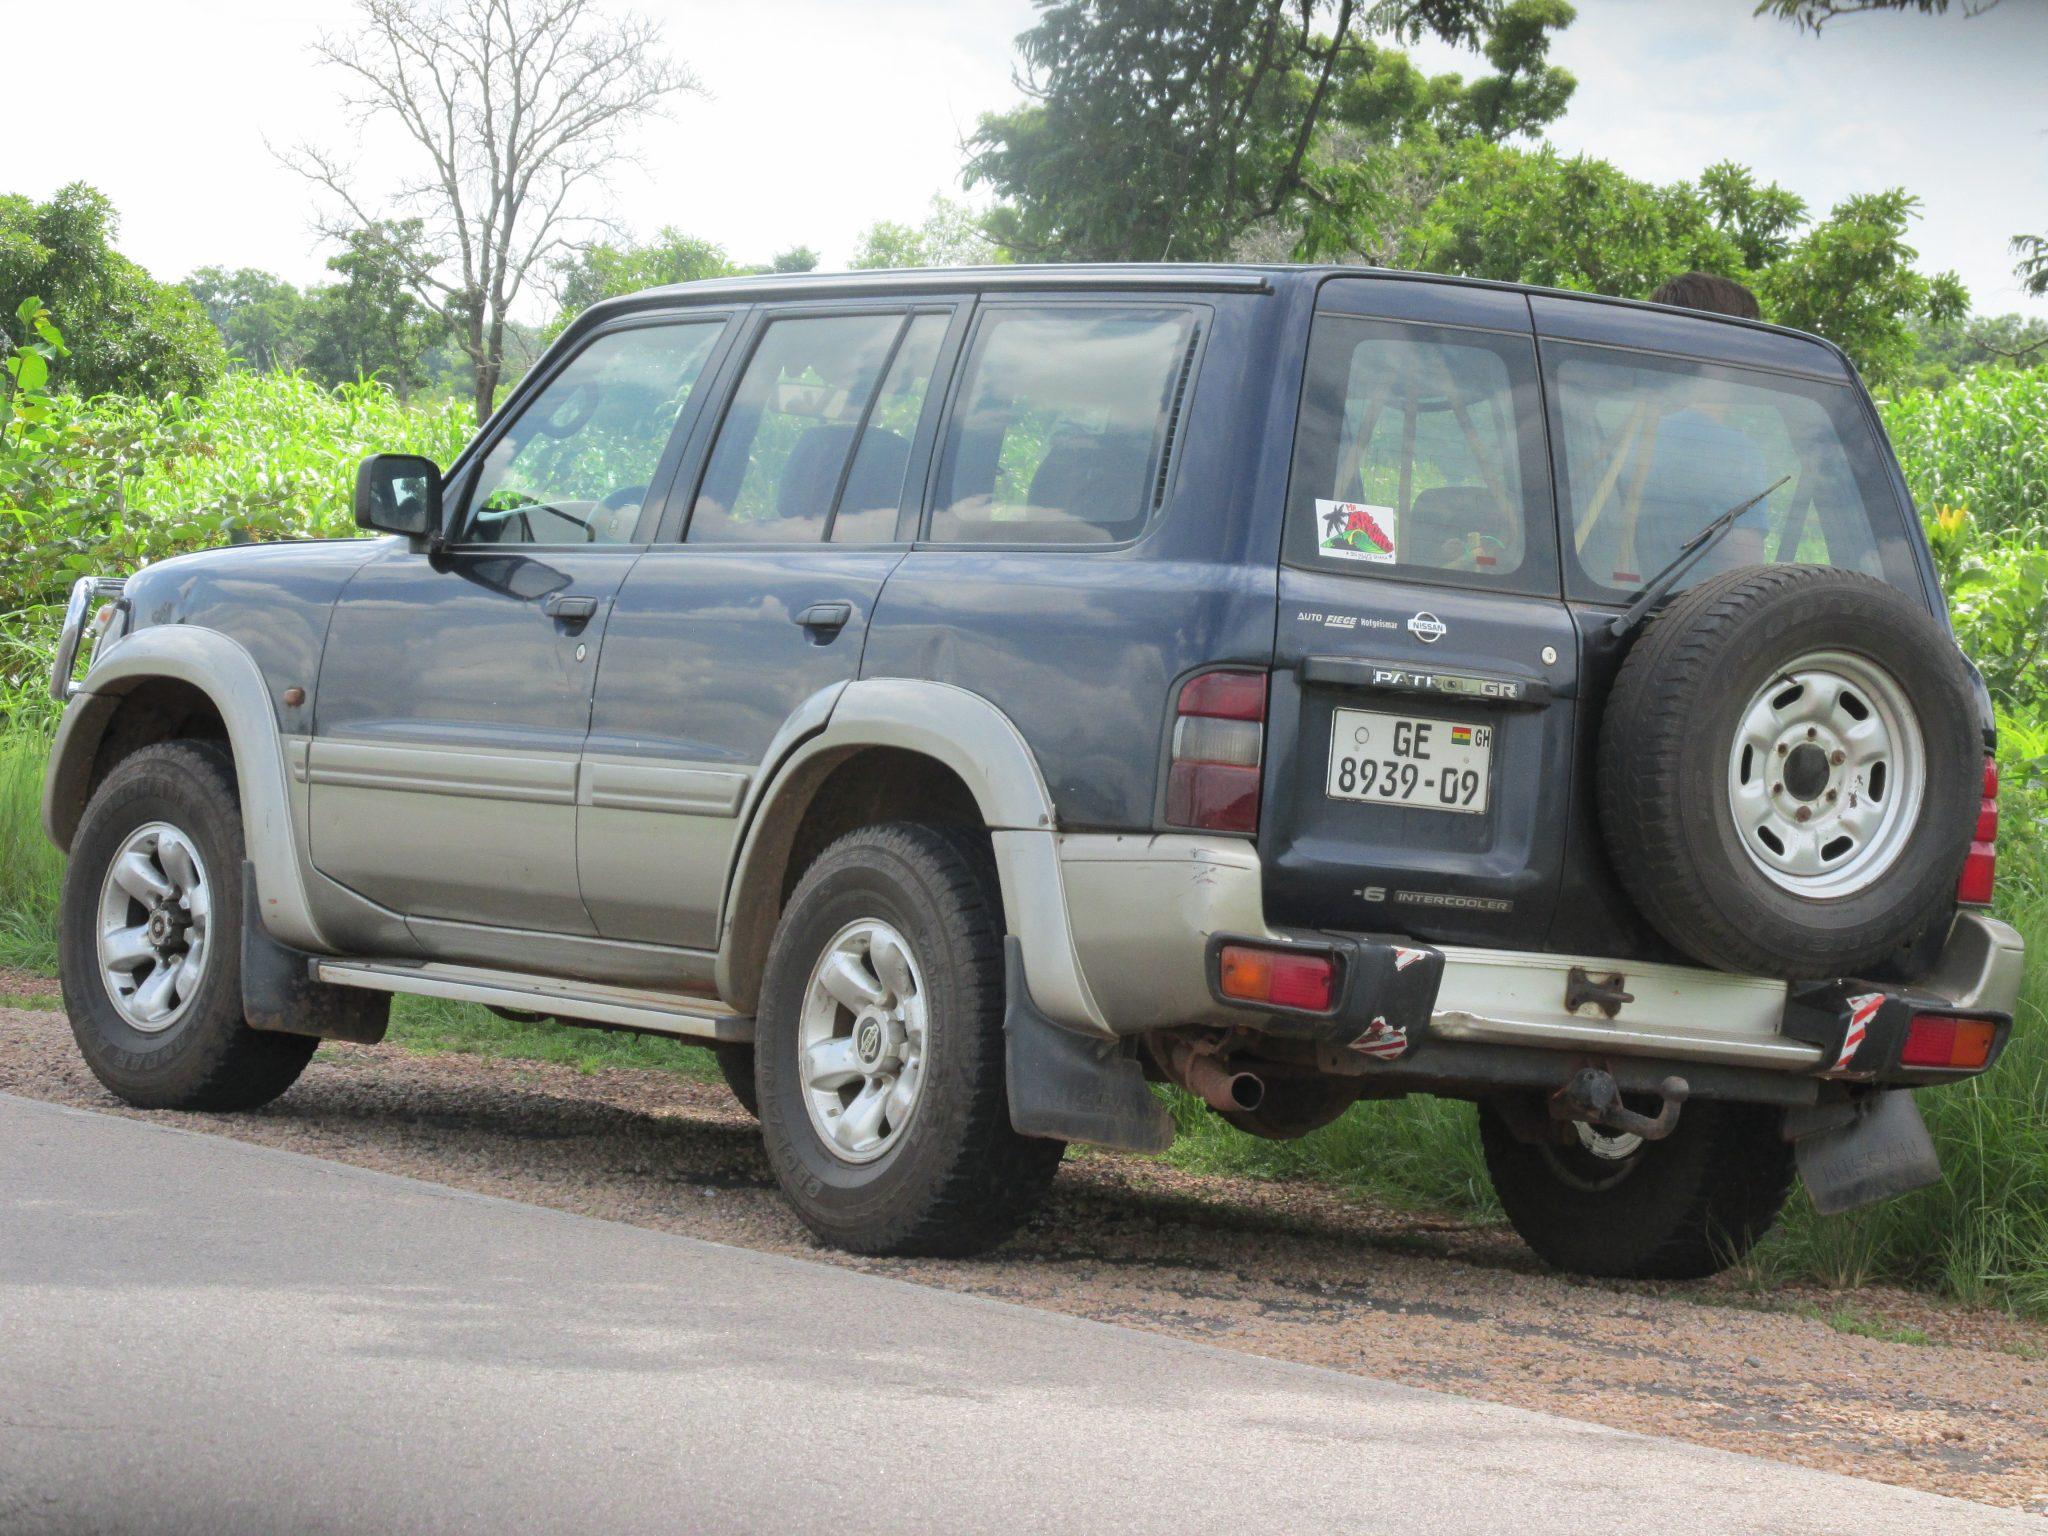 Ghana-4x4-rentals